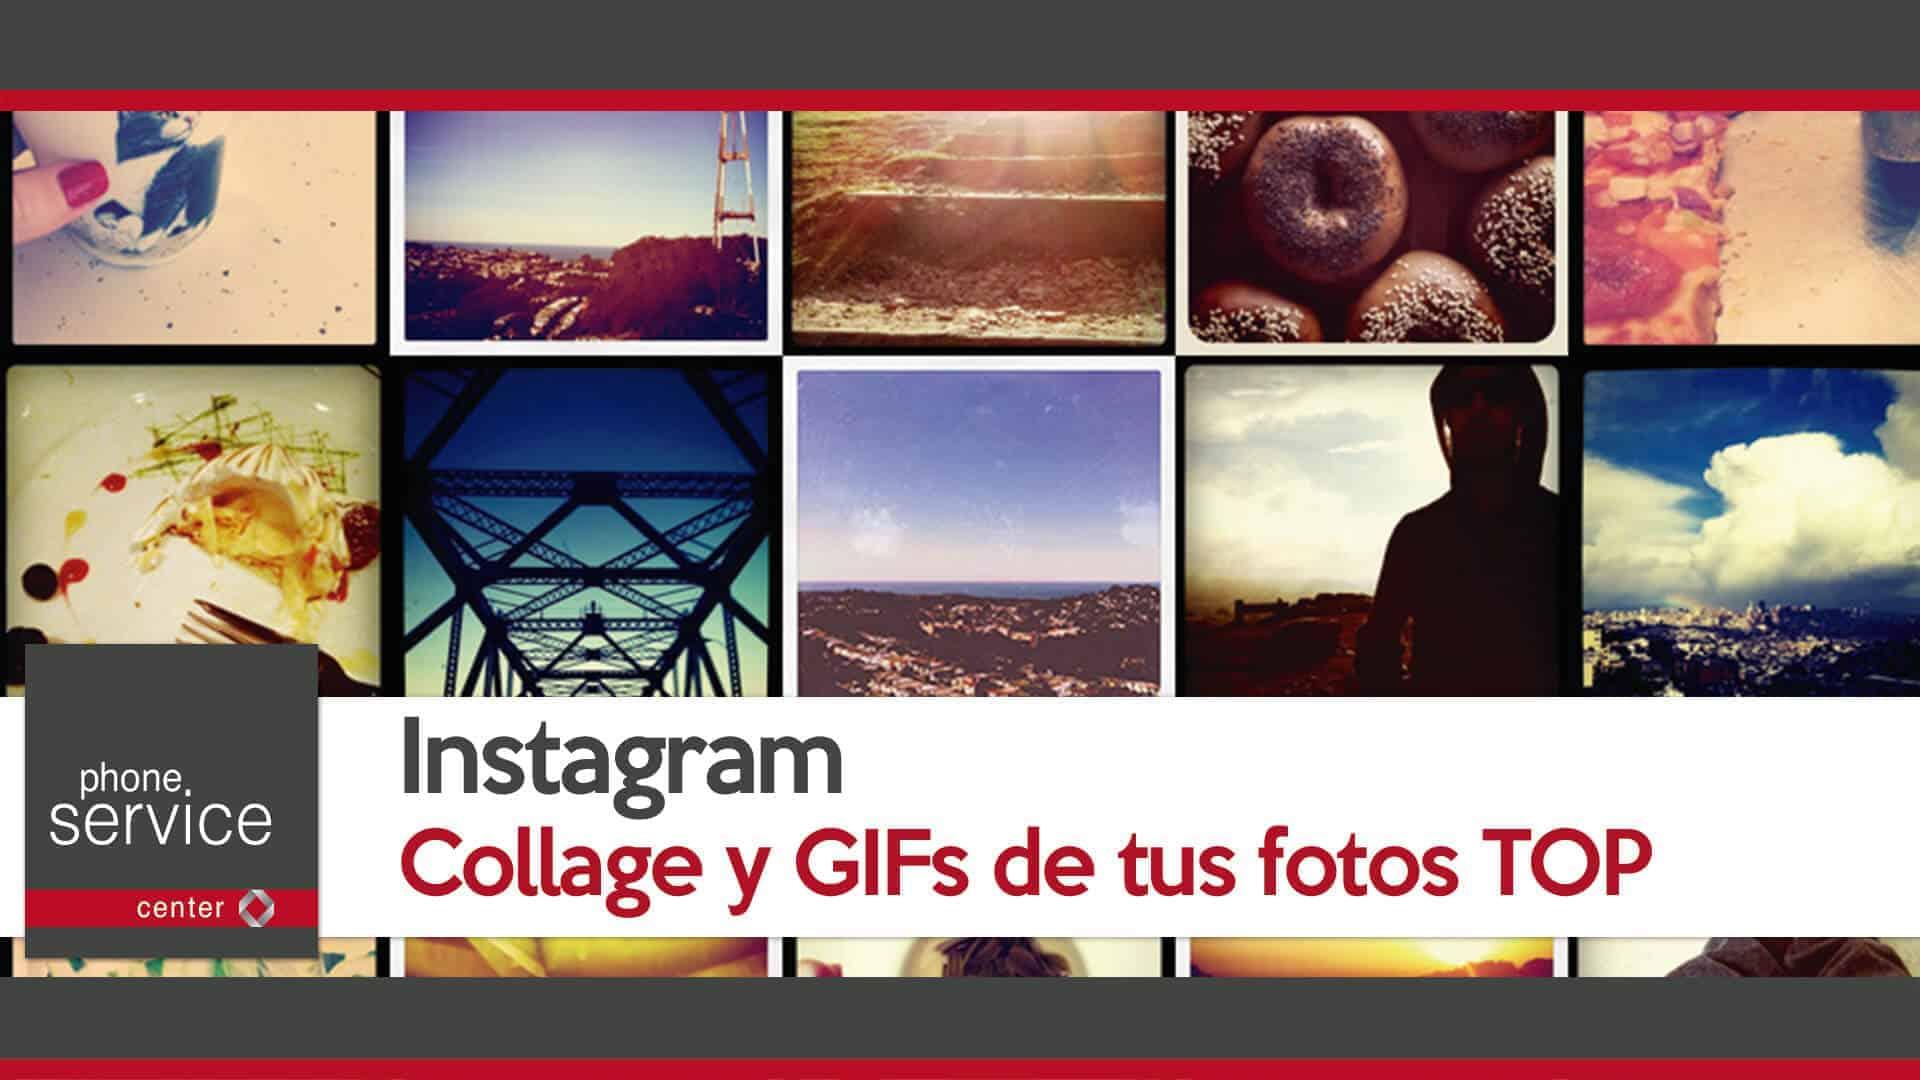 instagram-collage-y-gifs-de-tus-fotos-top